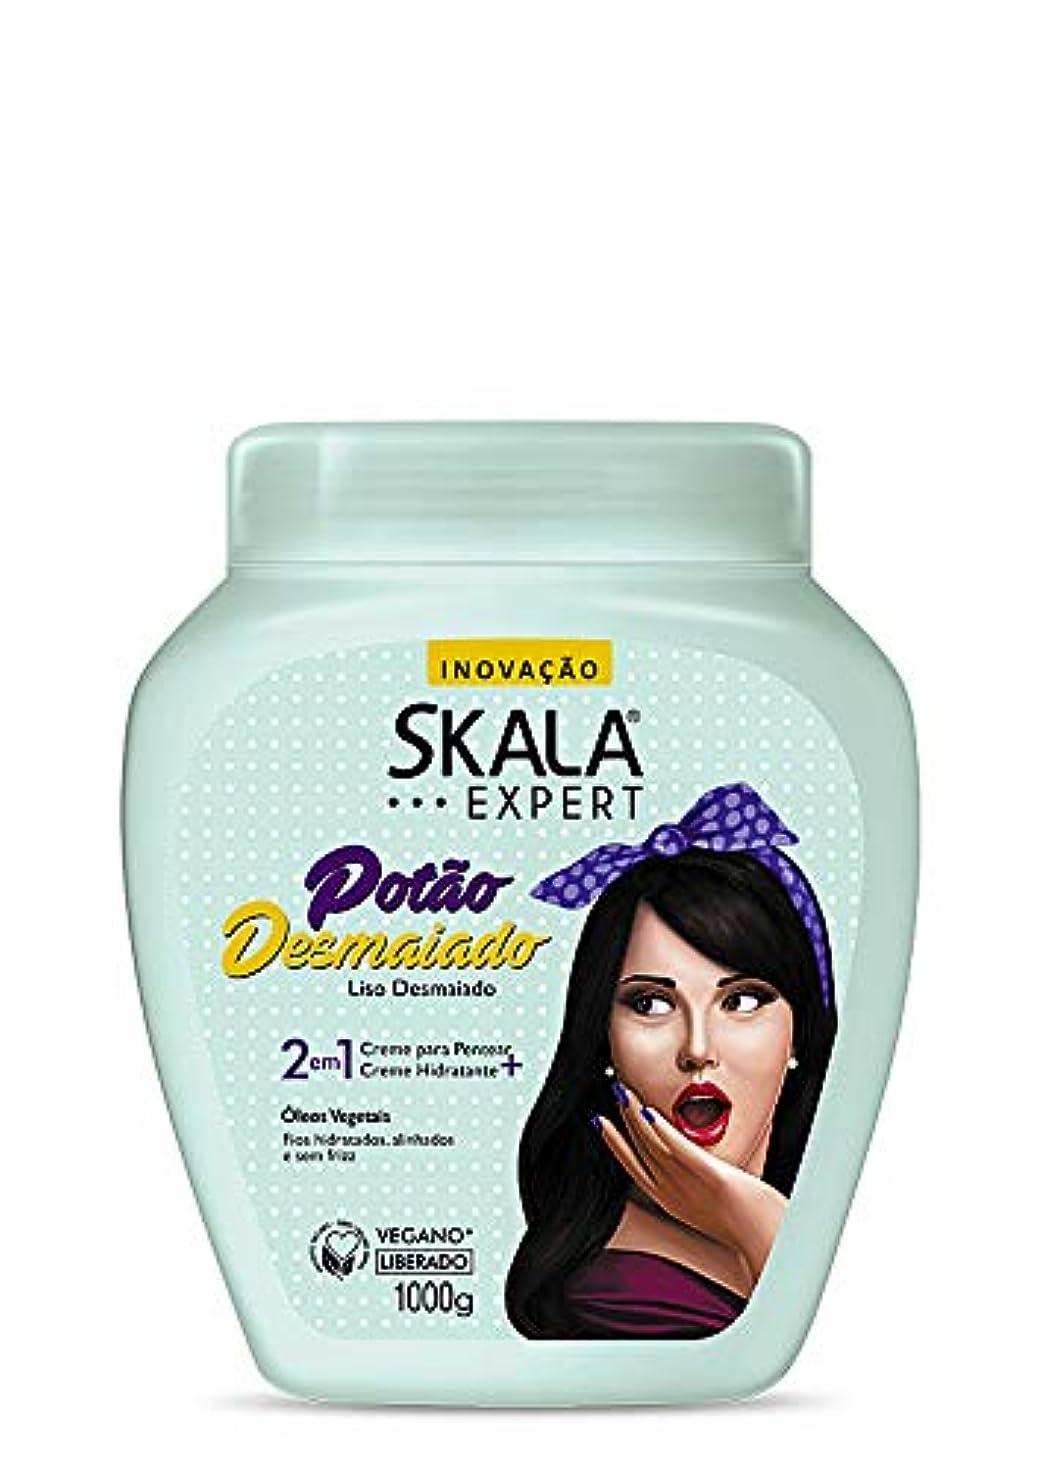 シンプトン提唱する結婚式Skala Expert Potao Desmaiado スカラ エクスパート ストレートヘア用 2イン1トリートメントクリーム 1000g